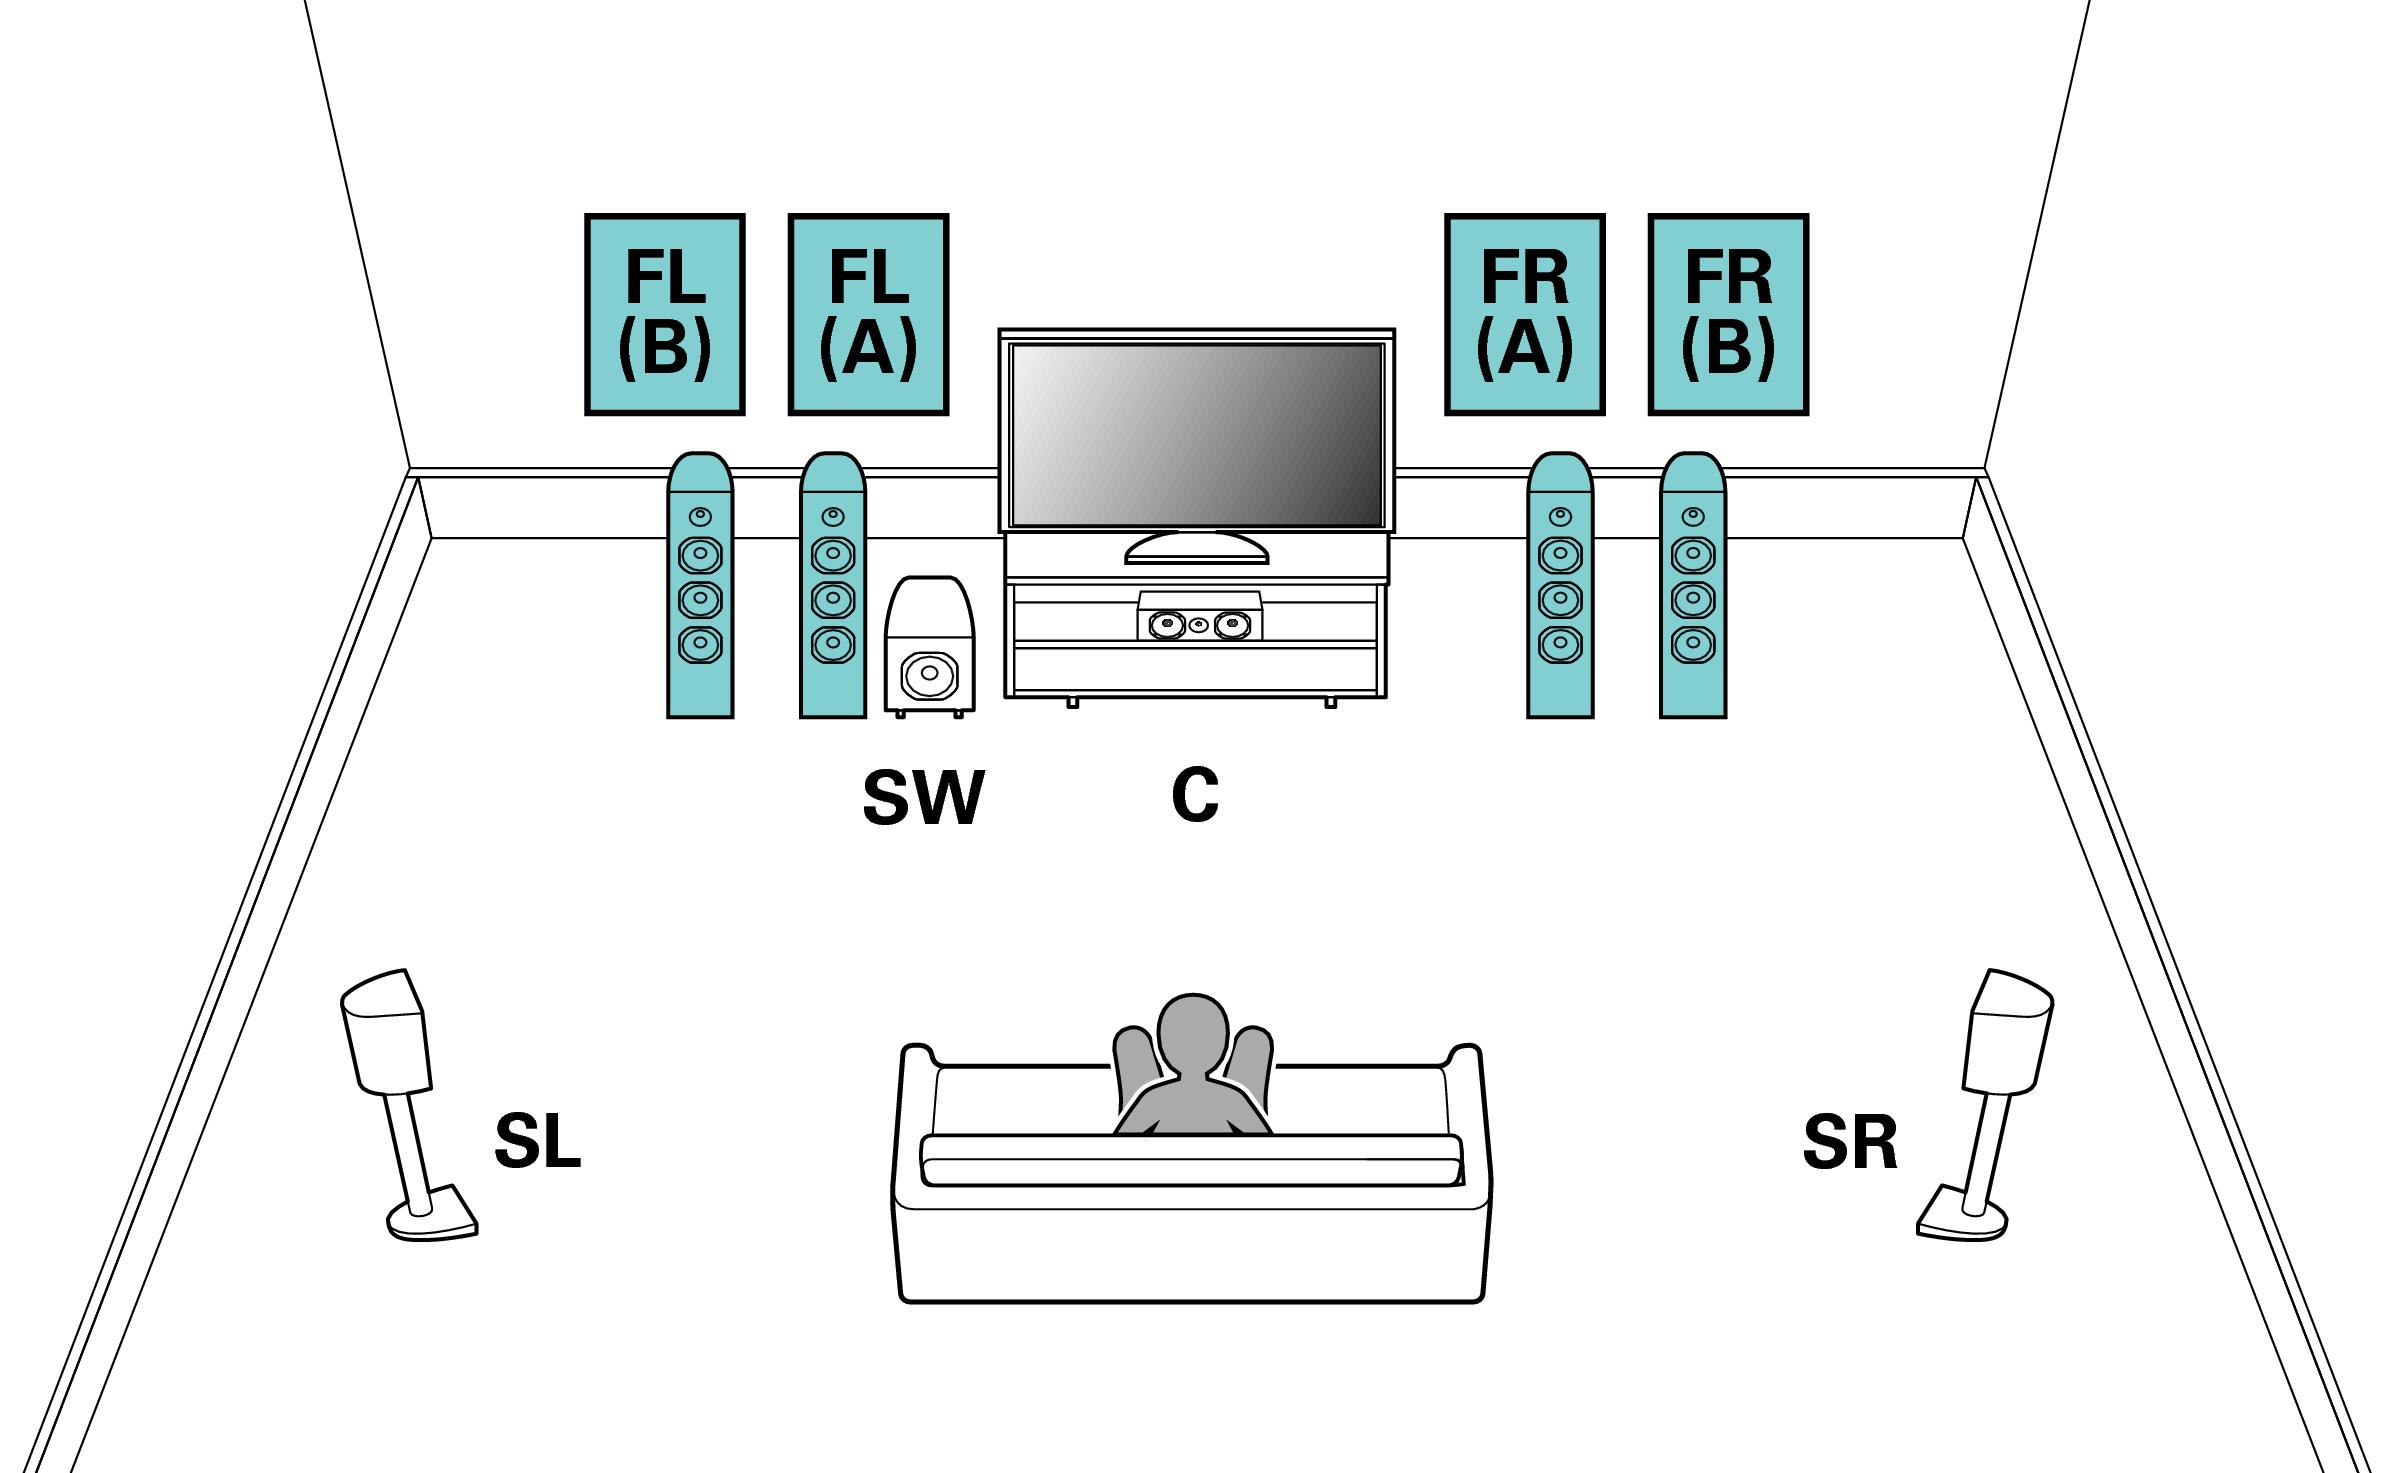 Gemütlich 51 Surround Sound Setup Diagramm Bilder - Elektrische ...